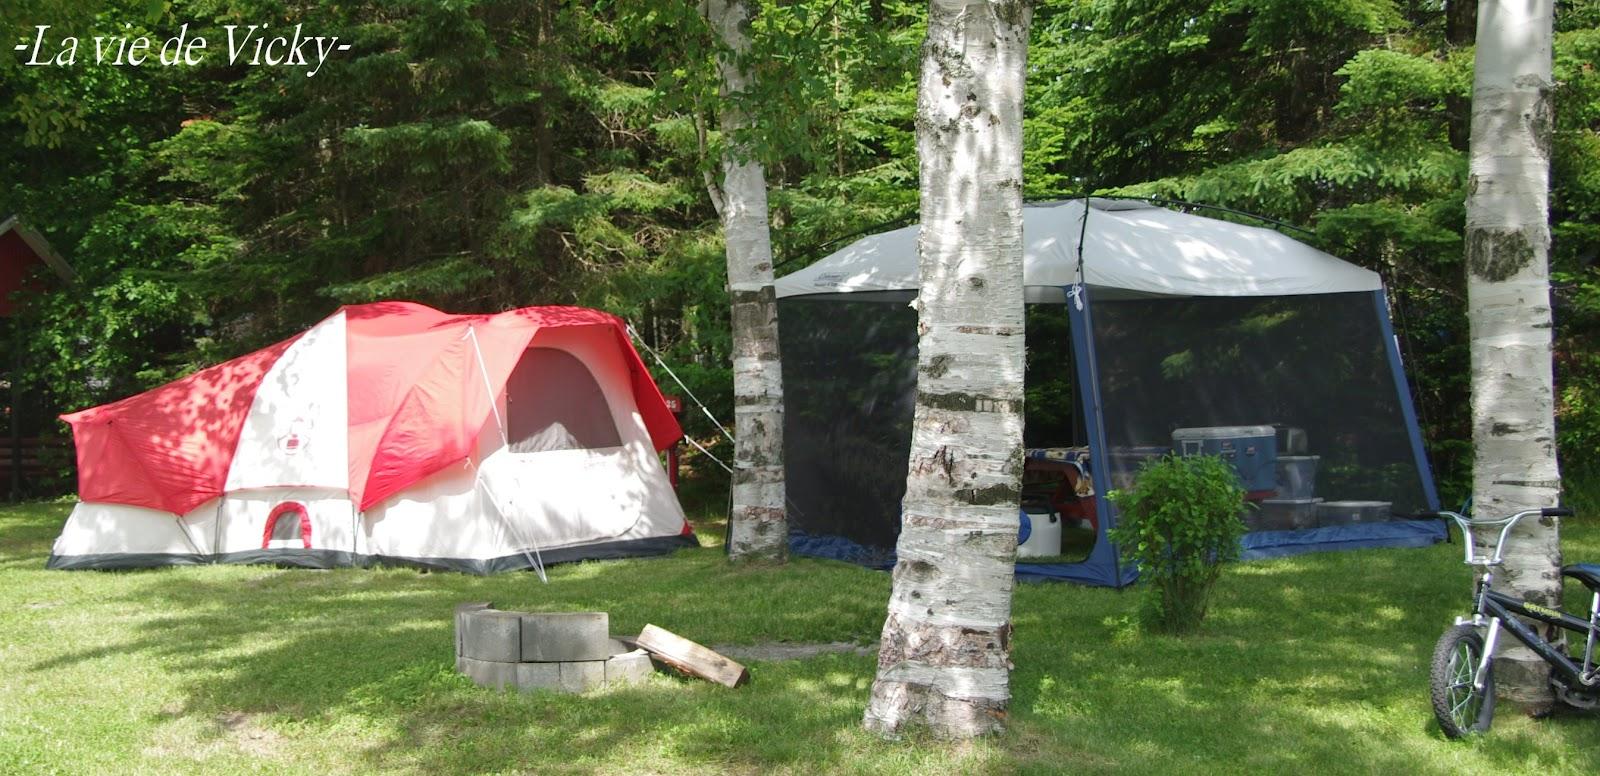 Ma petite vie camping des aulnaies - Maison modulaire espagnole ...